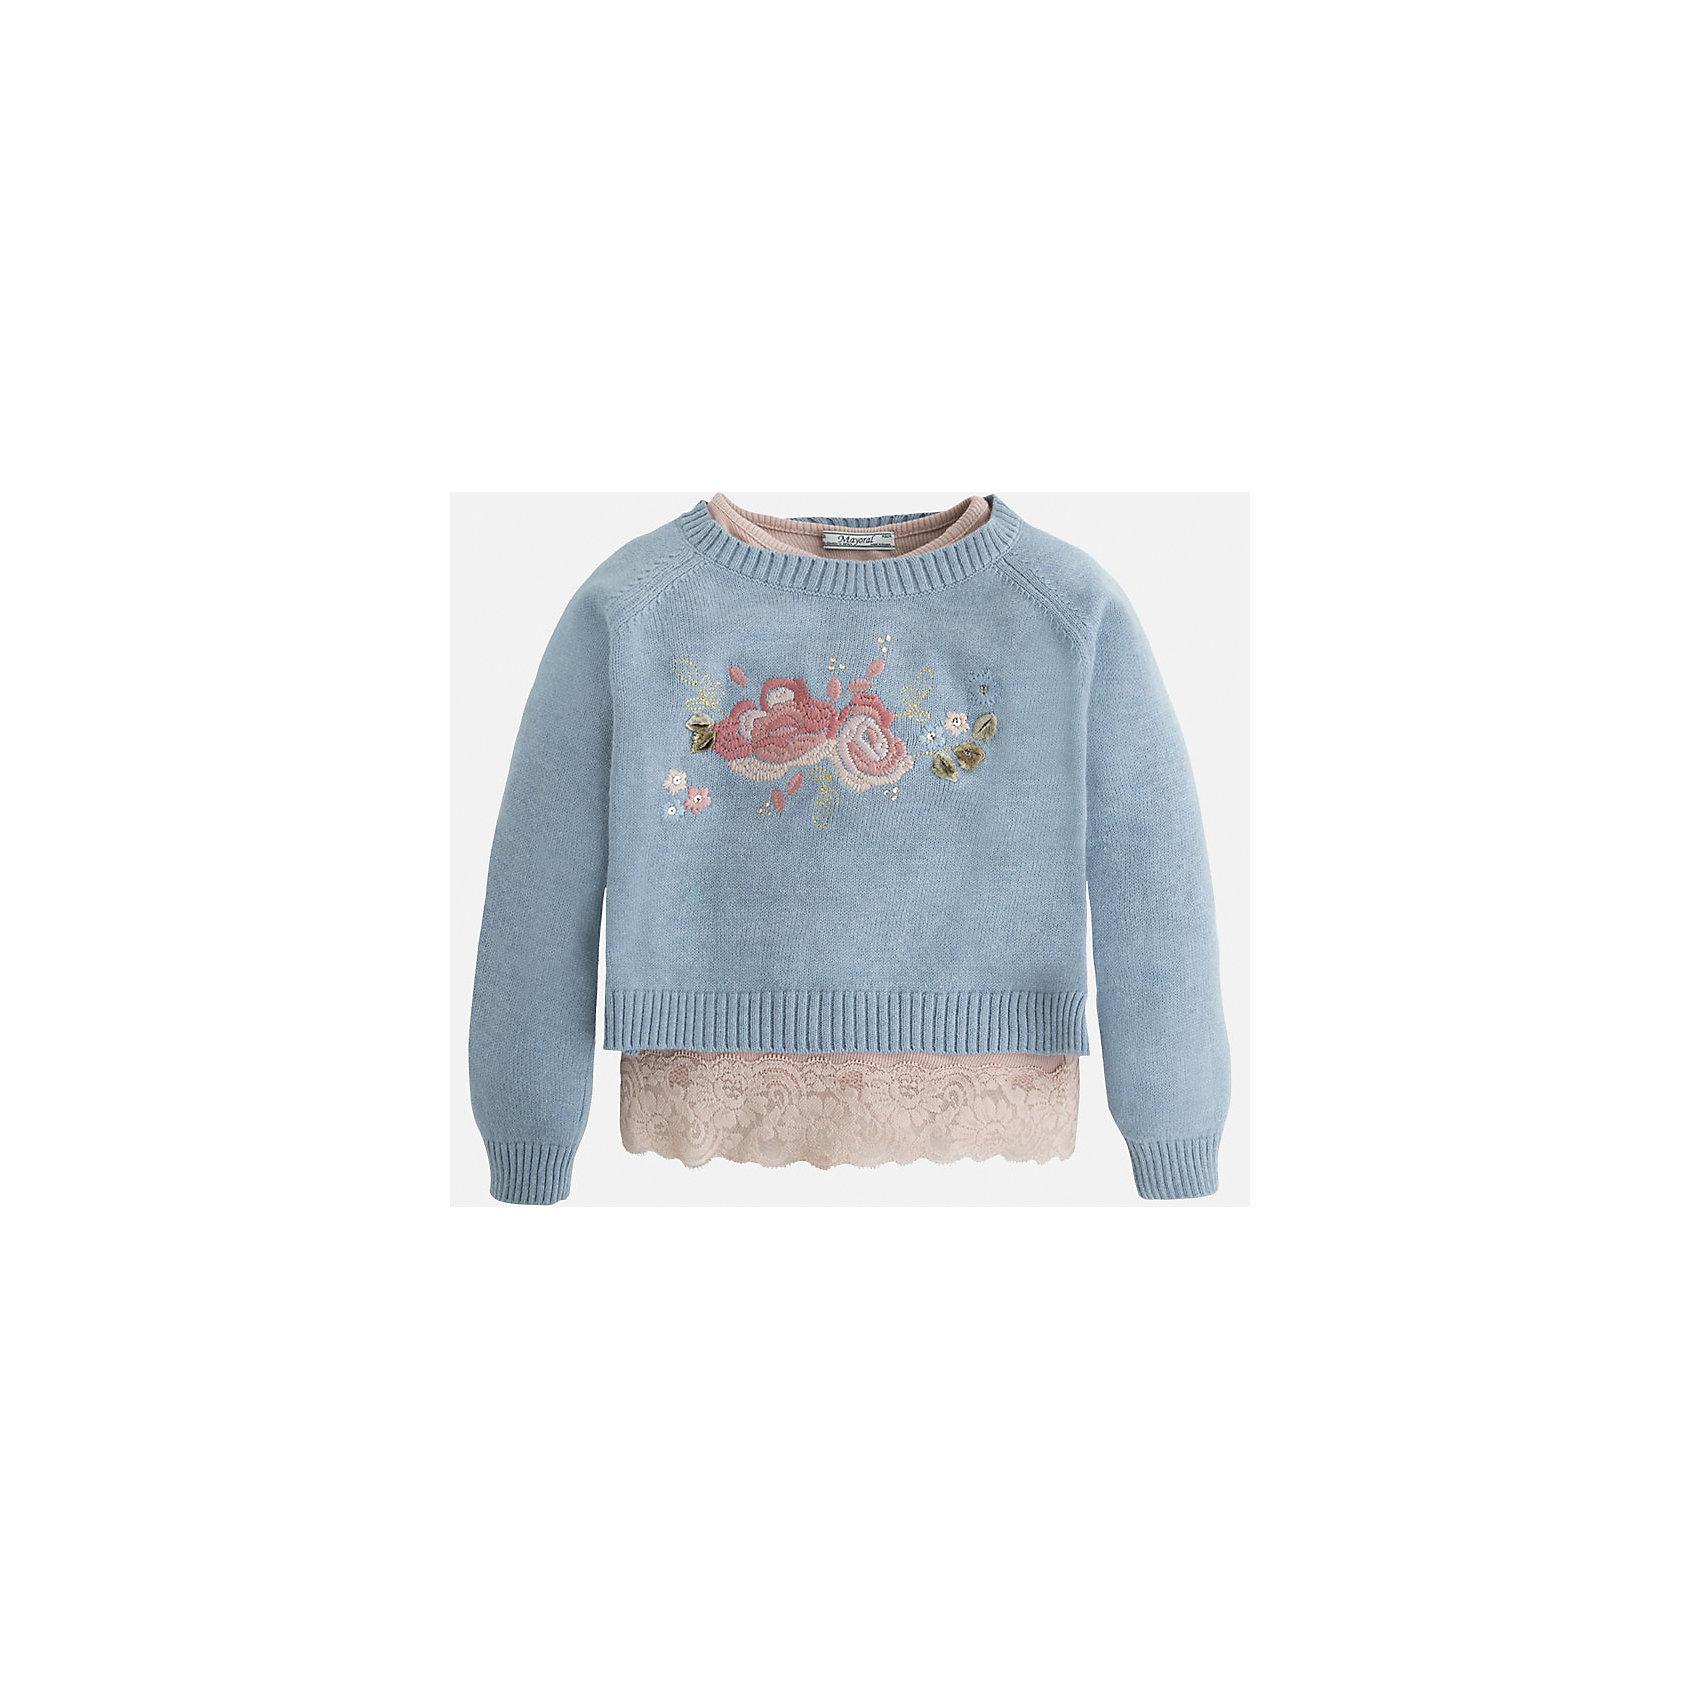 Свитер для девочки MayoralСвитера и кардиганы<br>Укороченный свитер Mayoral - отличный вариант для любого случая! Модель дополнена оригинальной майкой с кружевной отделкой, оформлена нежной вышивкой. Свитер изготовлен из высококачественных материалов, прекрасно смотрится на фигуре, не вытягивается.<br><br>Дополнительная информация:<br><br>- Укороченная модель.<br>- Майка с нежный кружевом в комплекте. <br>- Округлый вырез горловины.<br>- Нежный принт.<br>- Покрой: прямой. <br>Состав: <br>- свитер - 60% хлопок, 30%% полиамид, 10% ангора, майка - 96% вискоза, 4% эластан. <br><br>Свитер для девочки Mayoral (Майорал), можно купить в нашем магазине.<br><br>Ширина мм: 190<br>Глубина мм: 74<br>Высота мм: 229<br>Вес г: 236<br>Цвет: синий<br>Возраст от месяцев: 60<br>Возраст до месяцев: 72<br>Пол: Женский<br>Возраст: Детский<br>Размер: 116,134,92,104,98,110,122,128<br>SKU: 4846619